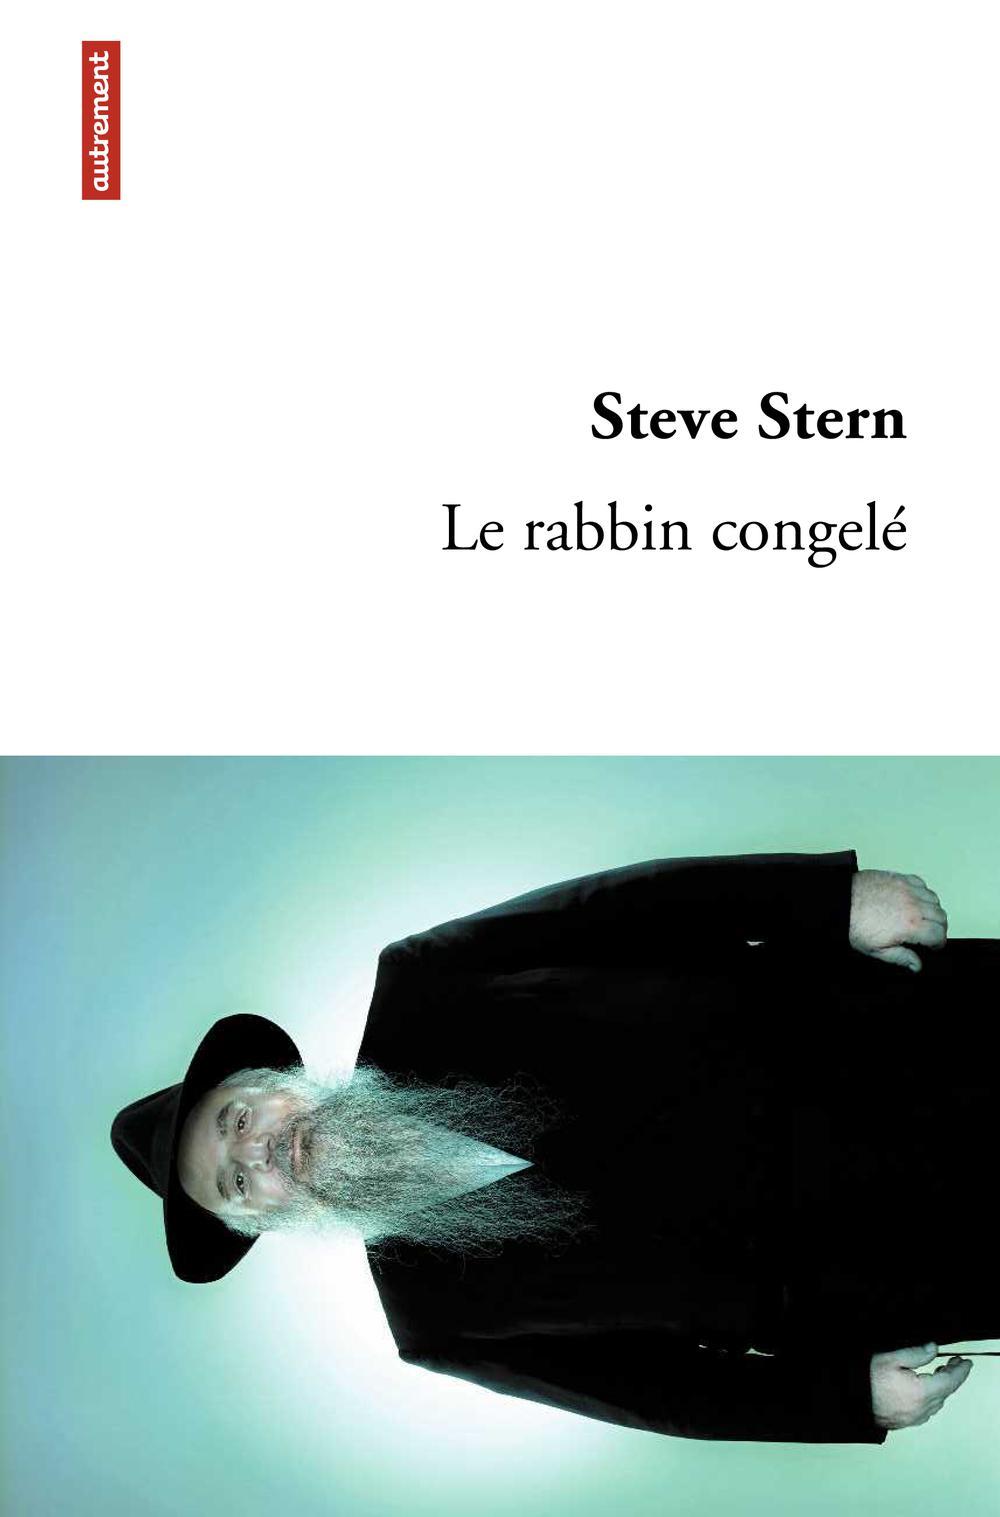 Le rabbin congelé